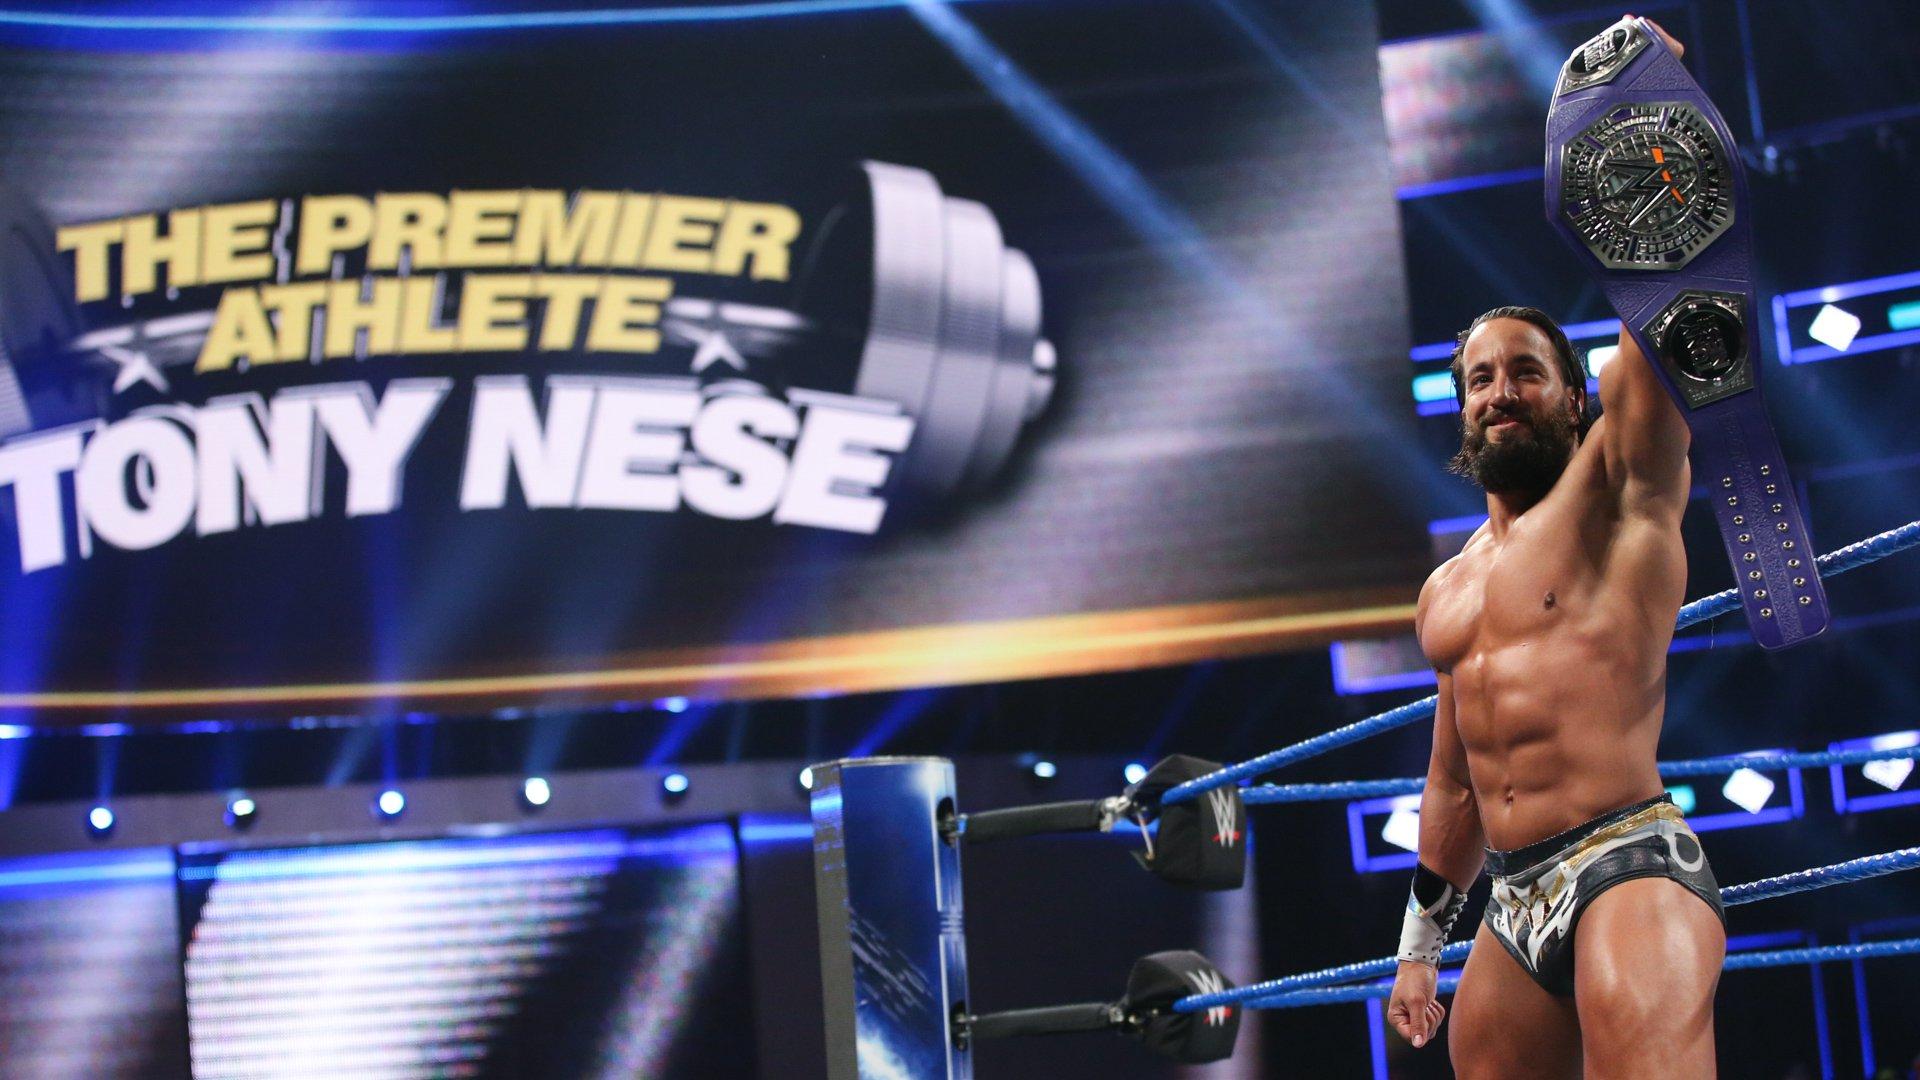 Tony Nese vs. Buddy Murphy - WWE Cruiserweight Championship Match